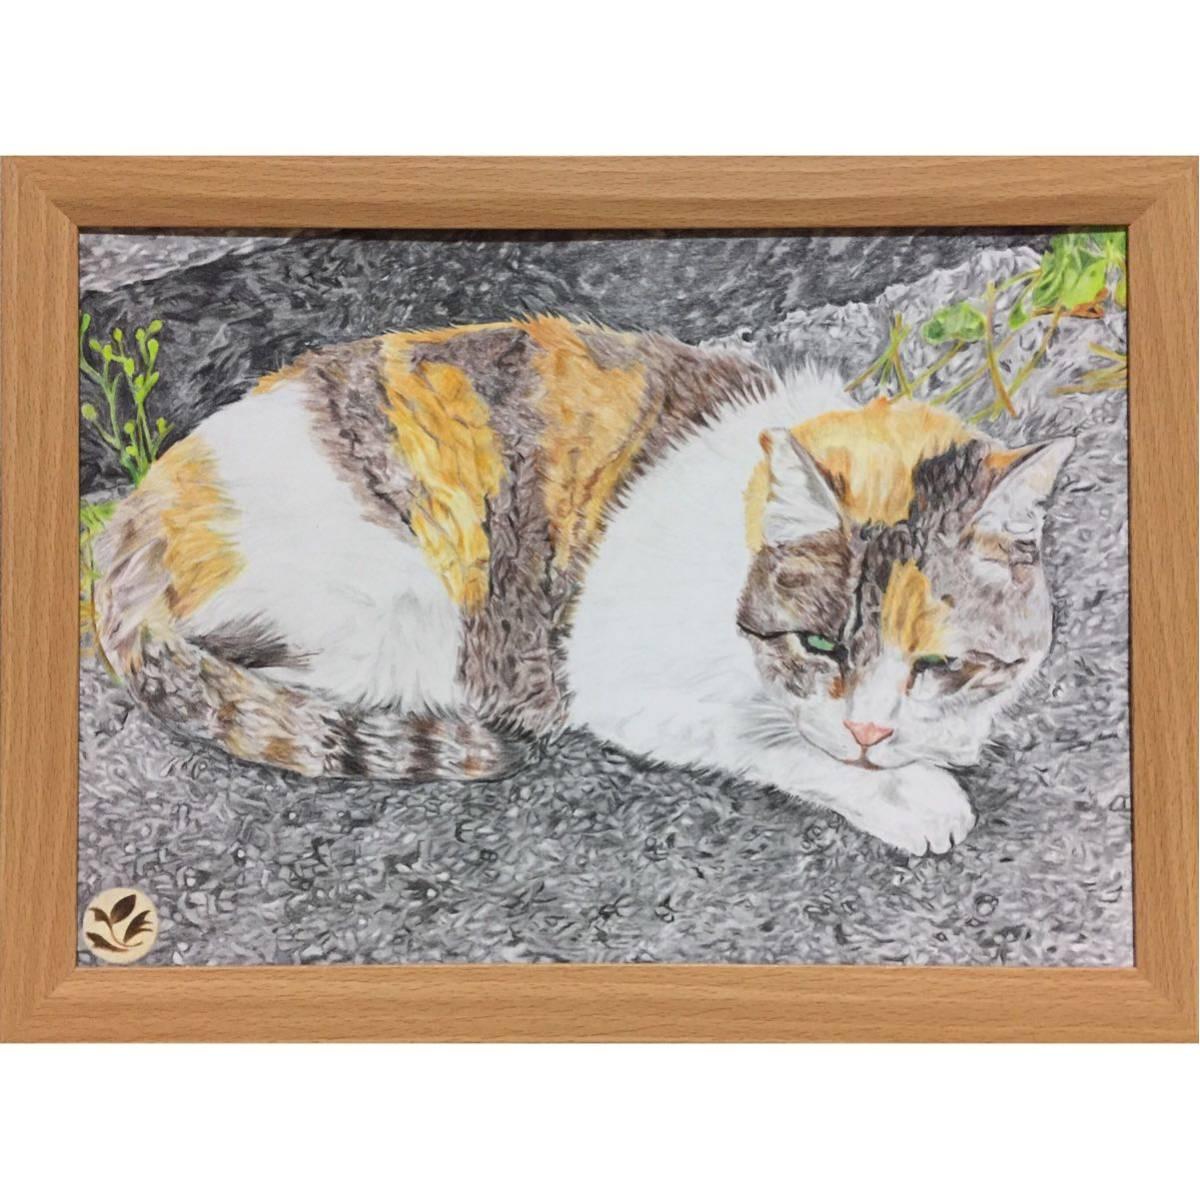 色鉛筆画「 居場所 」A4・額付き◇◆手描き◇原画◆猫◇◆yotto_画像2